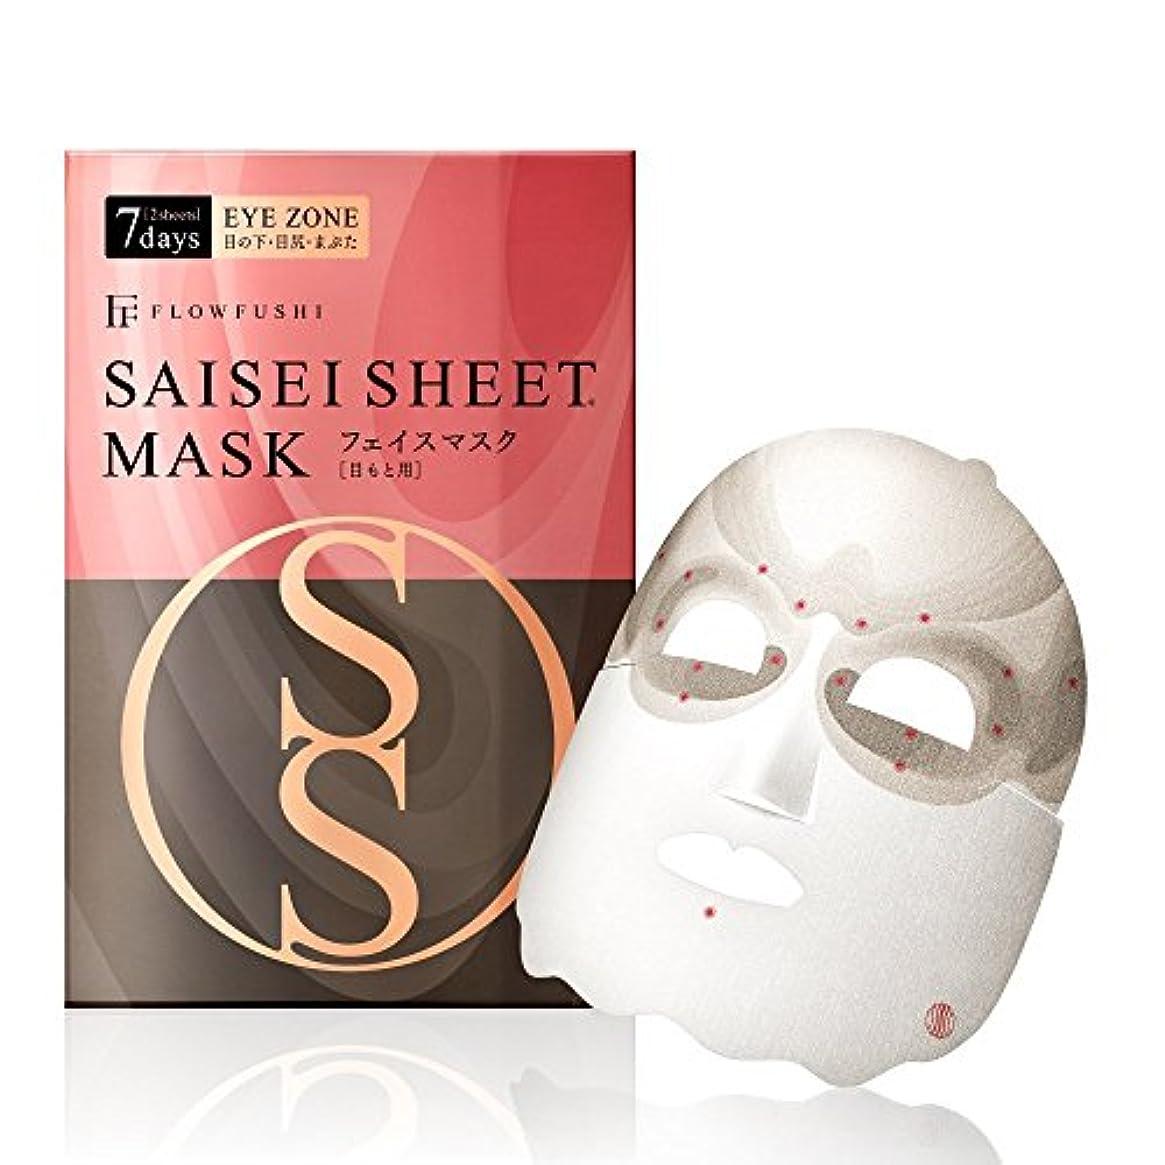 回復対処するに付けるSAISEIシート マスク [目もと用] 7days 2sheets